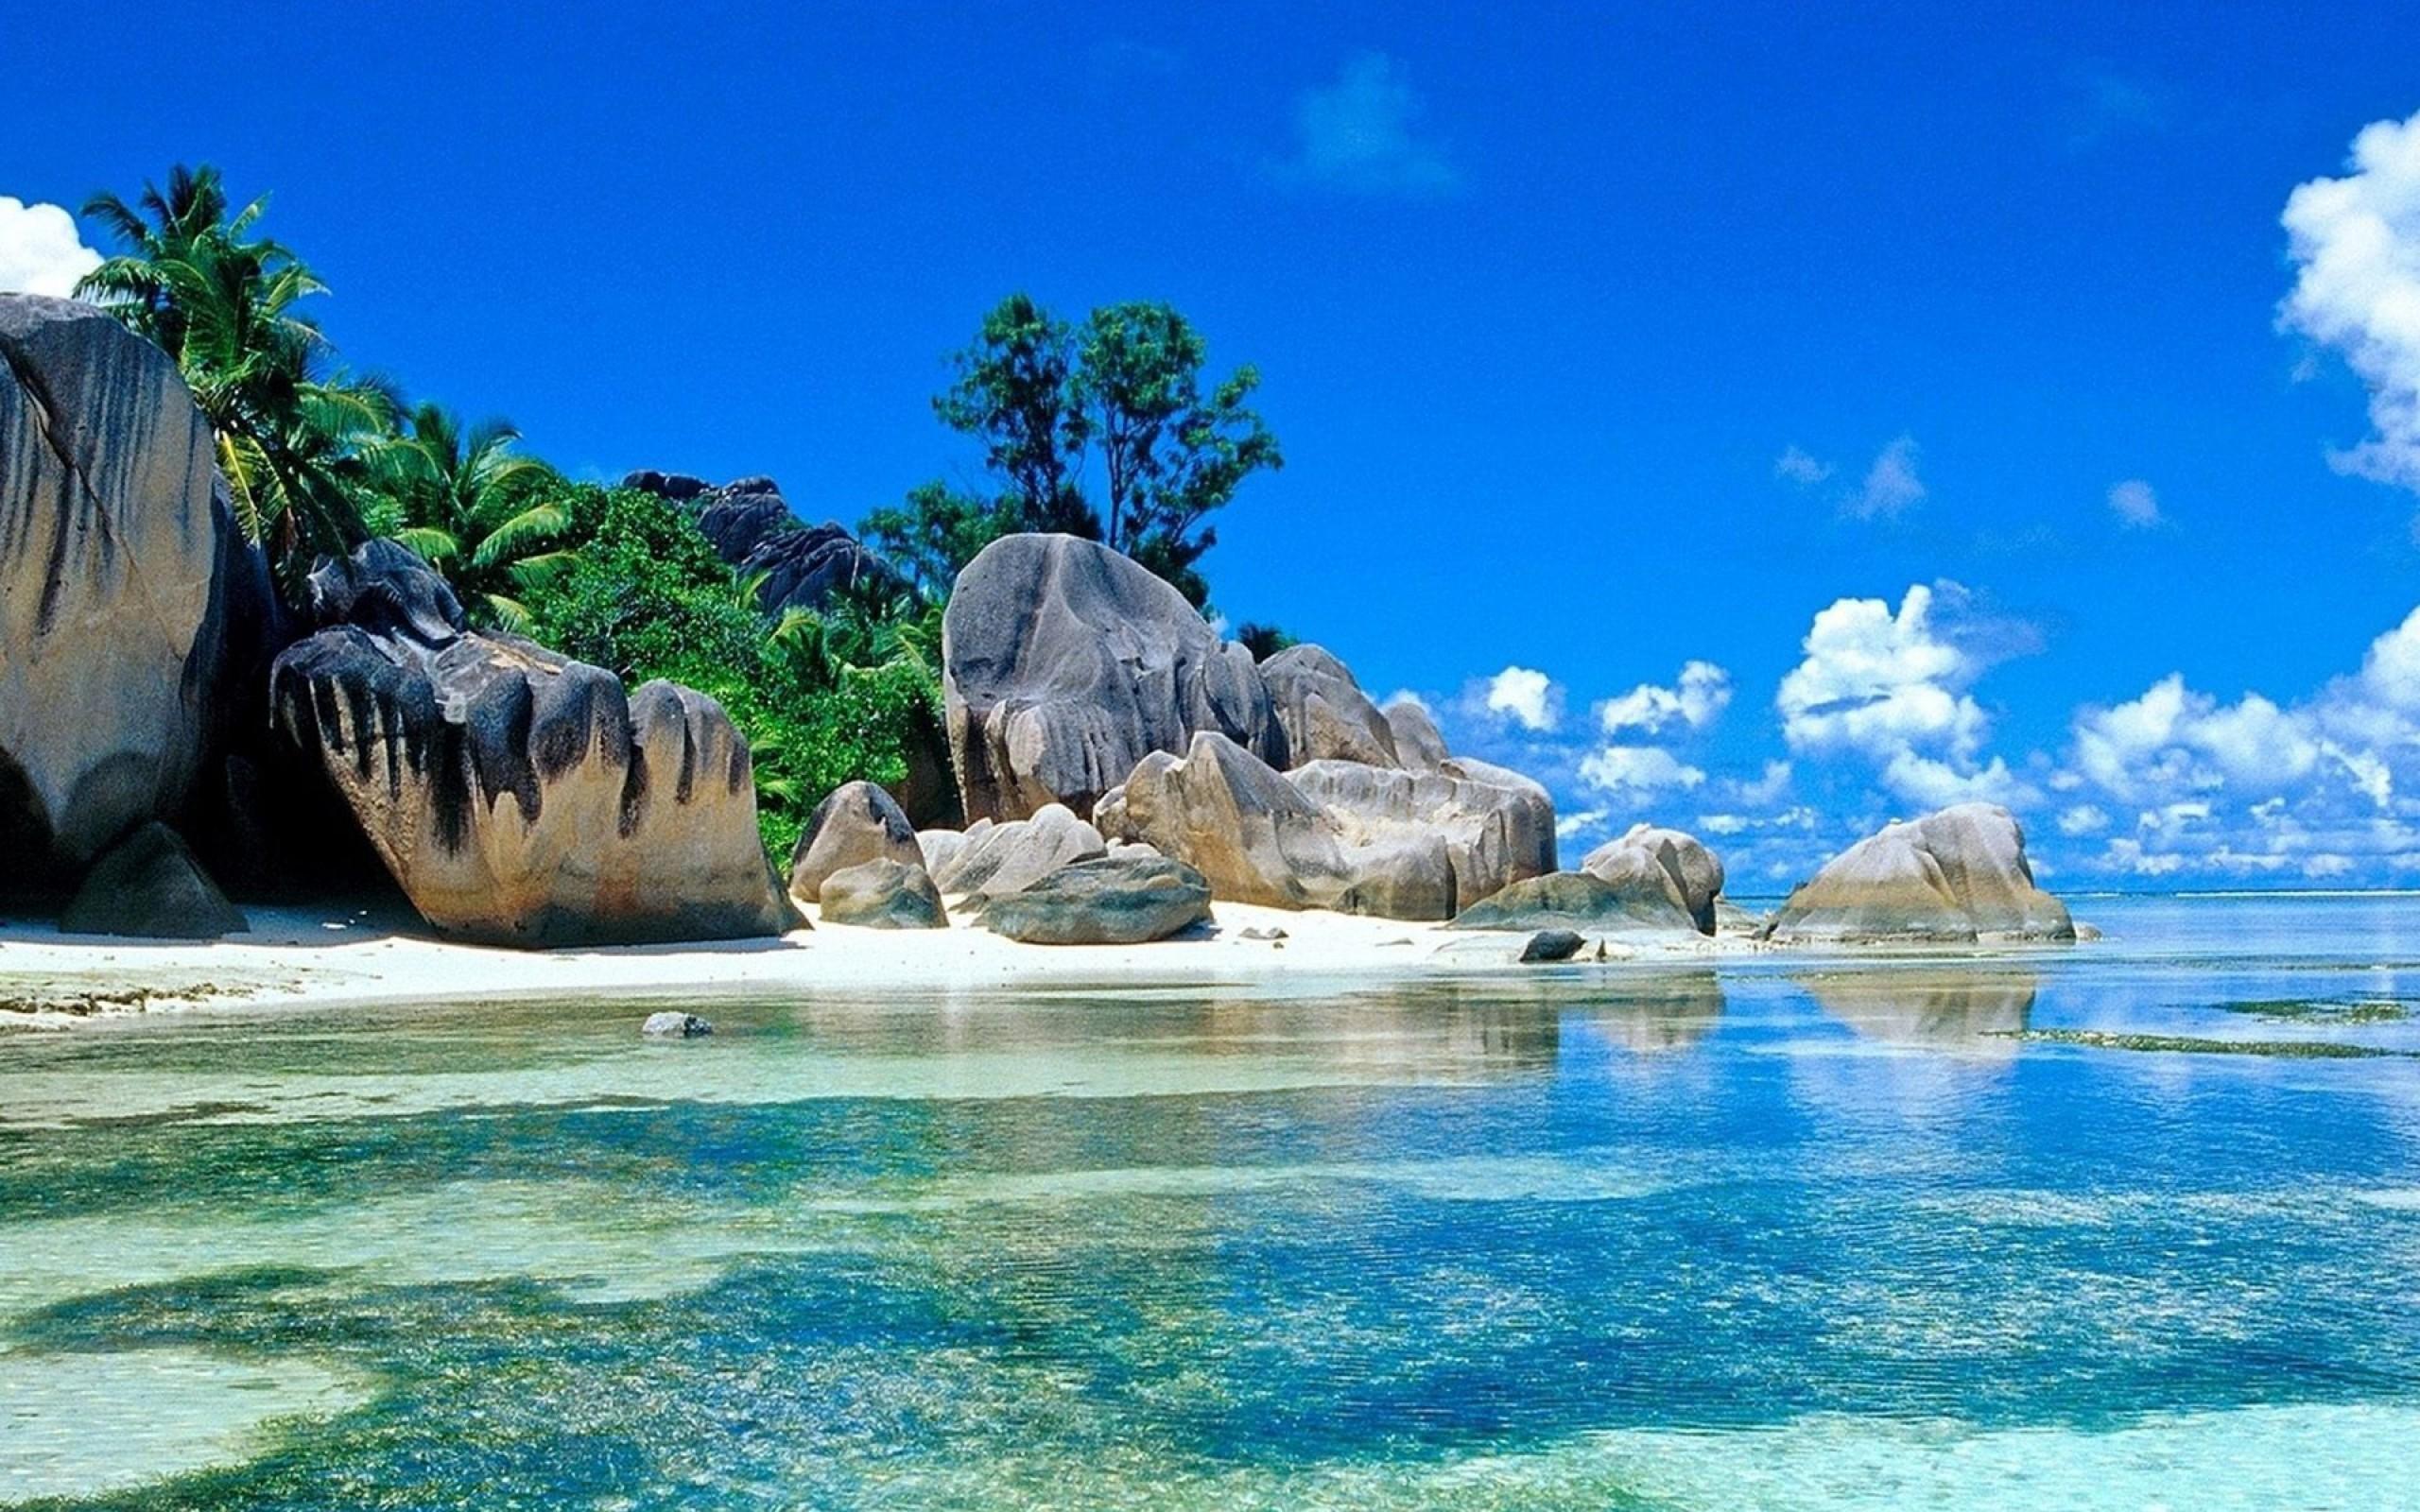 Seychelles Islands wallpaper 2560x1600 103737 WallpaperUP 2560x1600